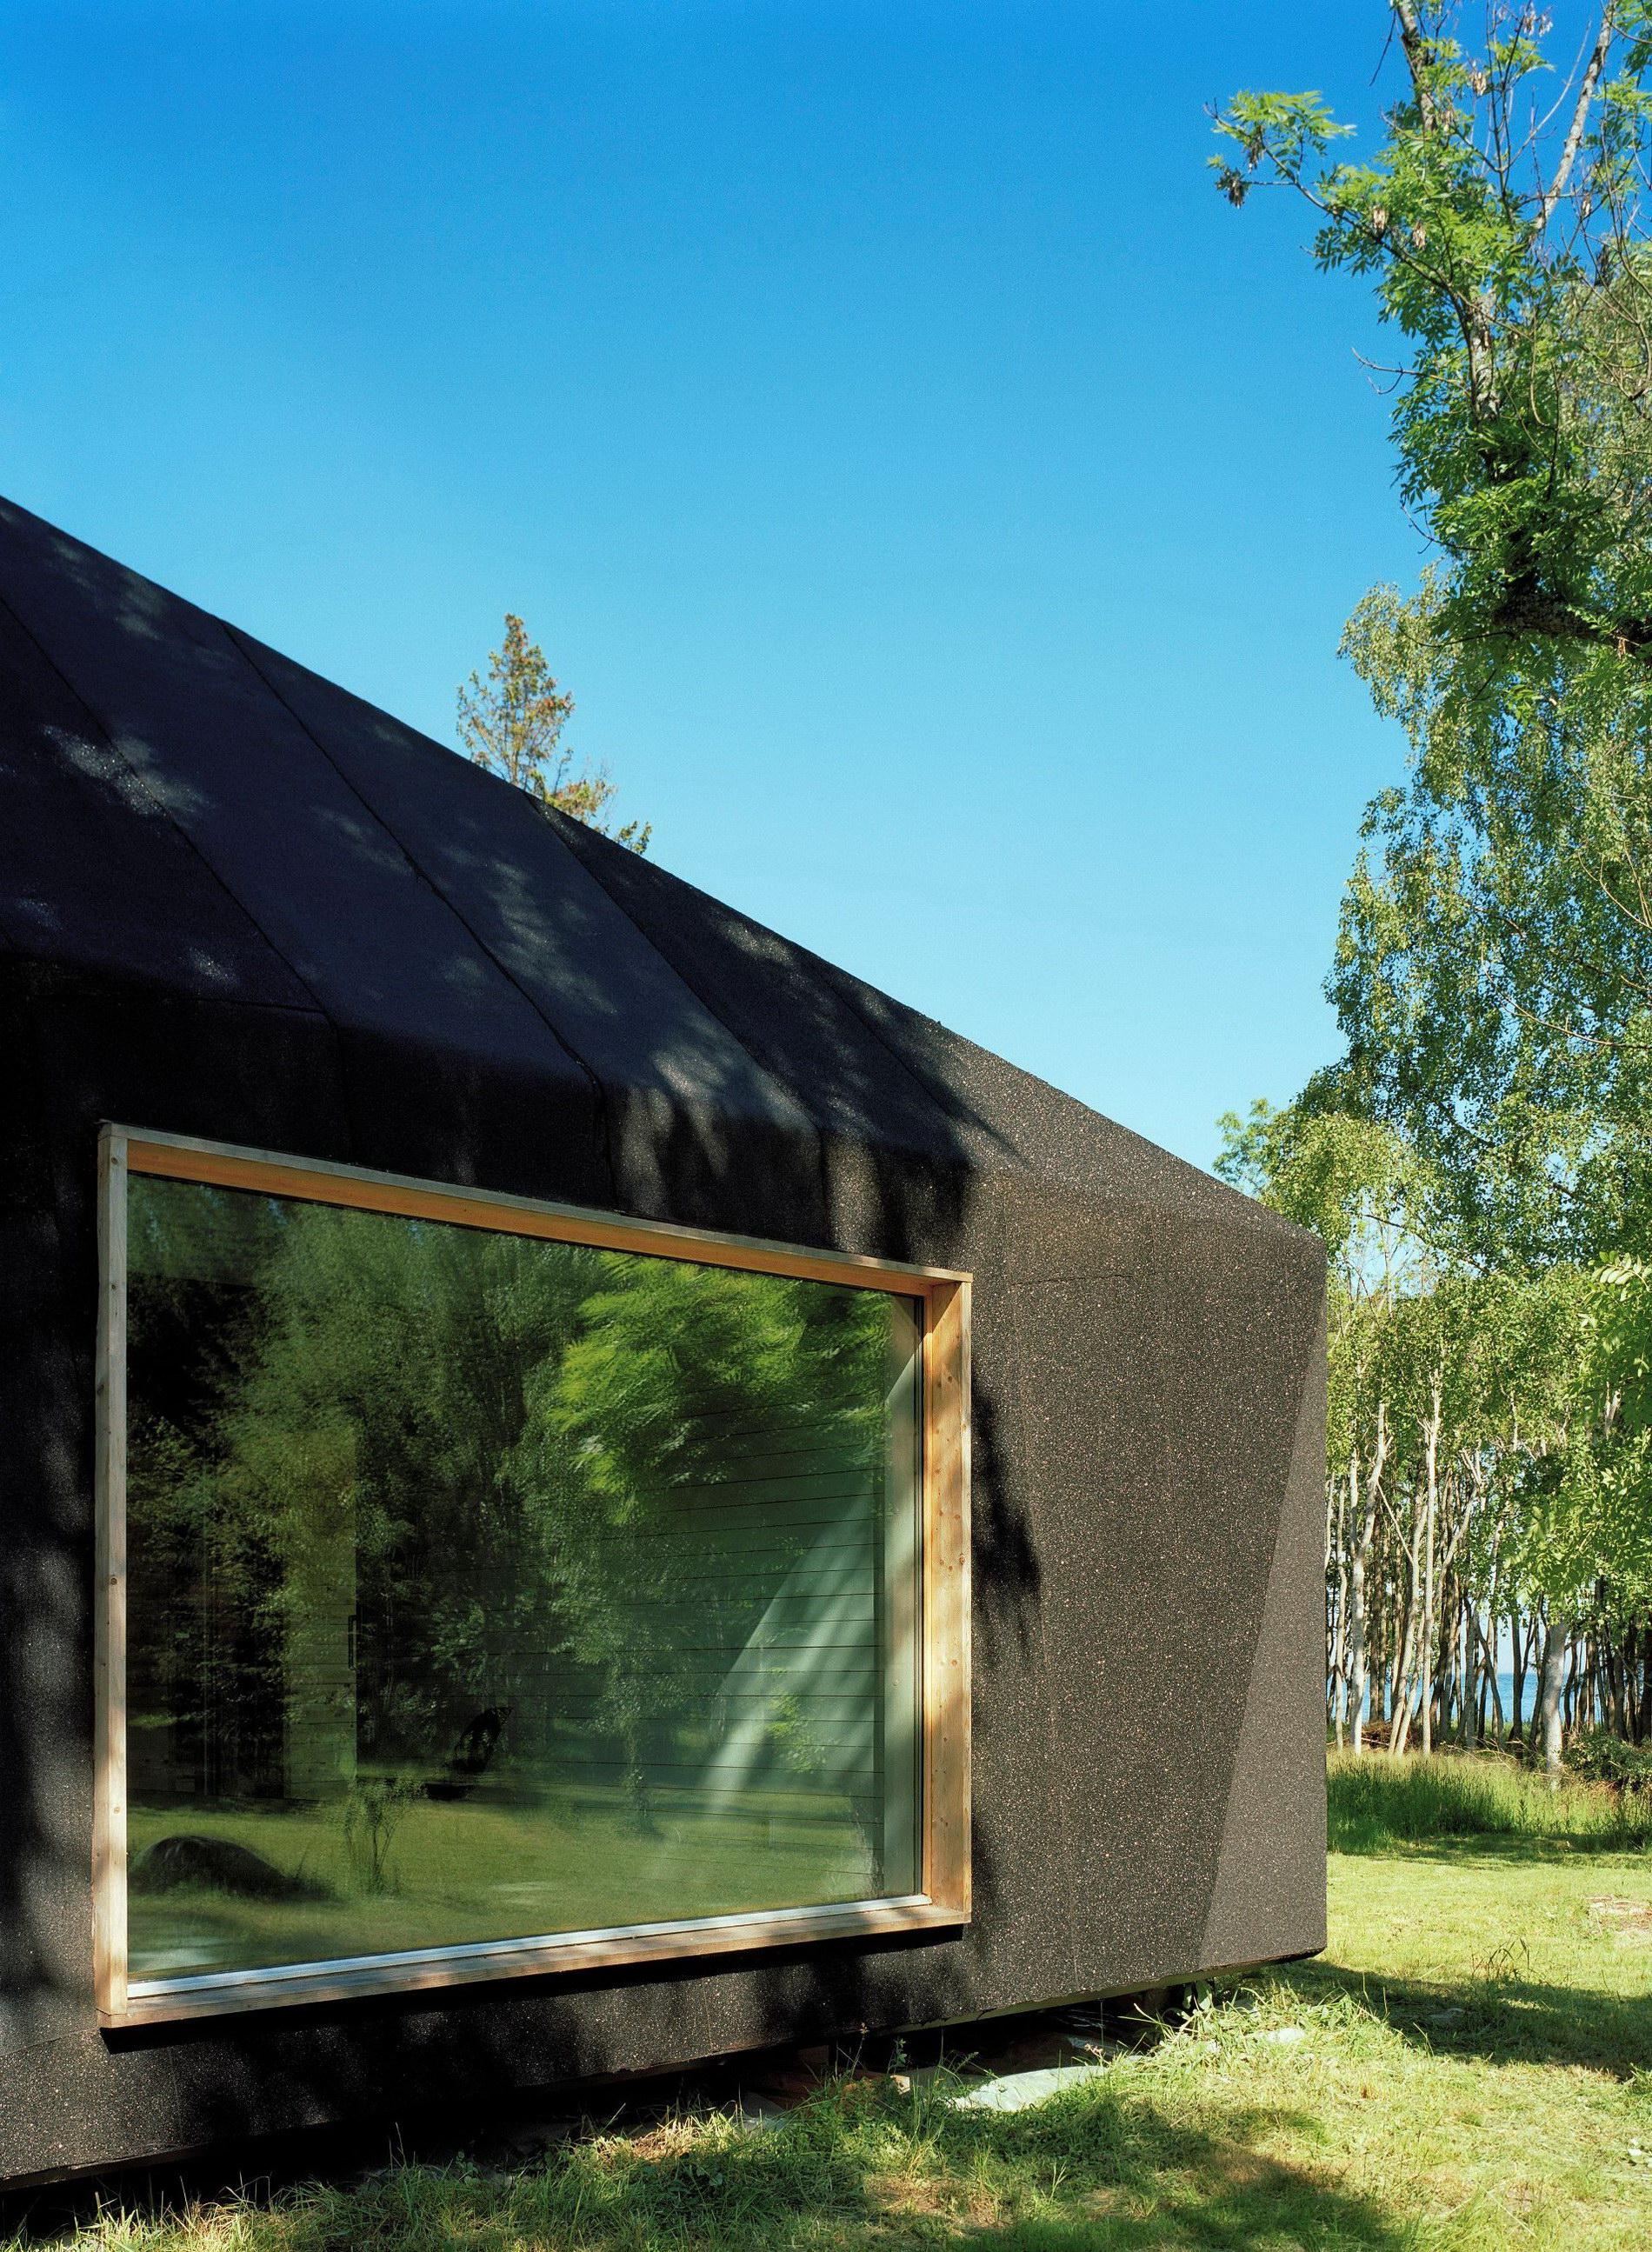 Summerhouse S 246 Der 246 Ra By Tham Amp Videg 229 Rd Arkitekter